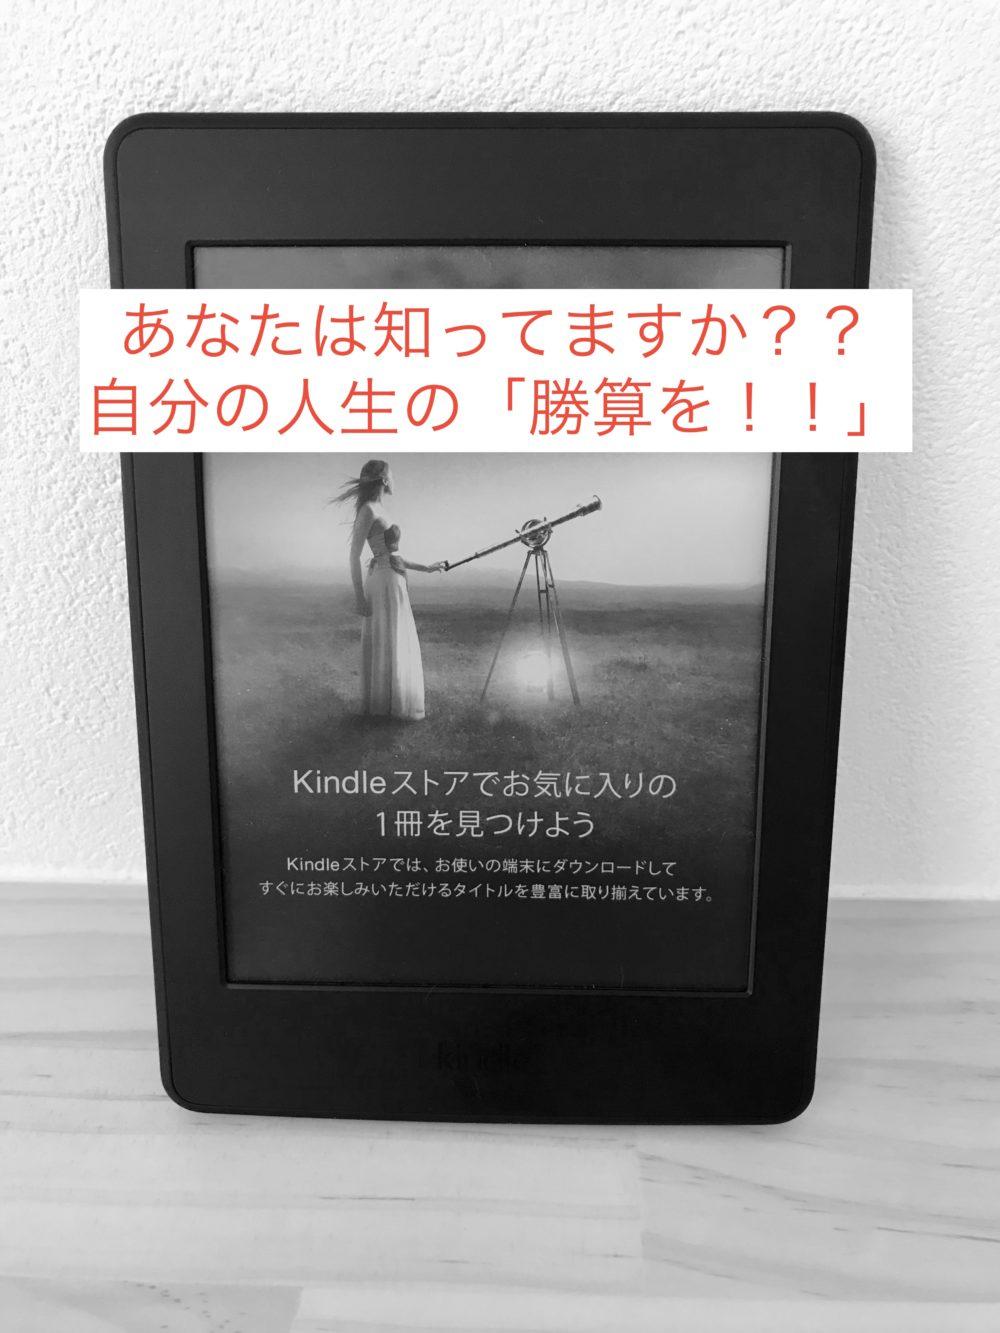 『人生の勝算』(前田裕二)を読んで子育てでモヤモヤしてる理由がわかった!